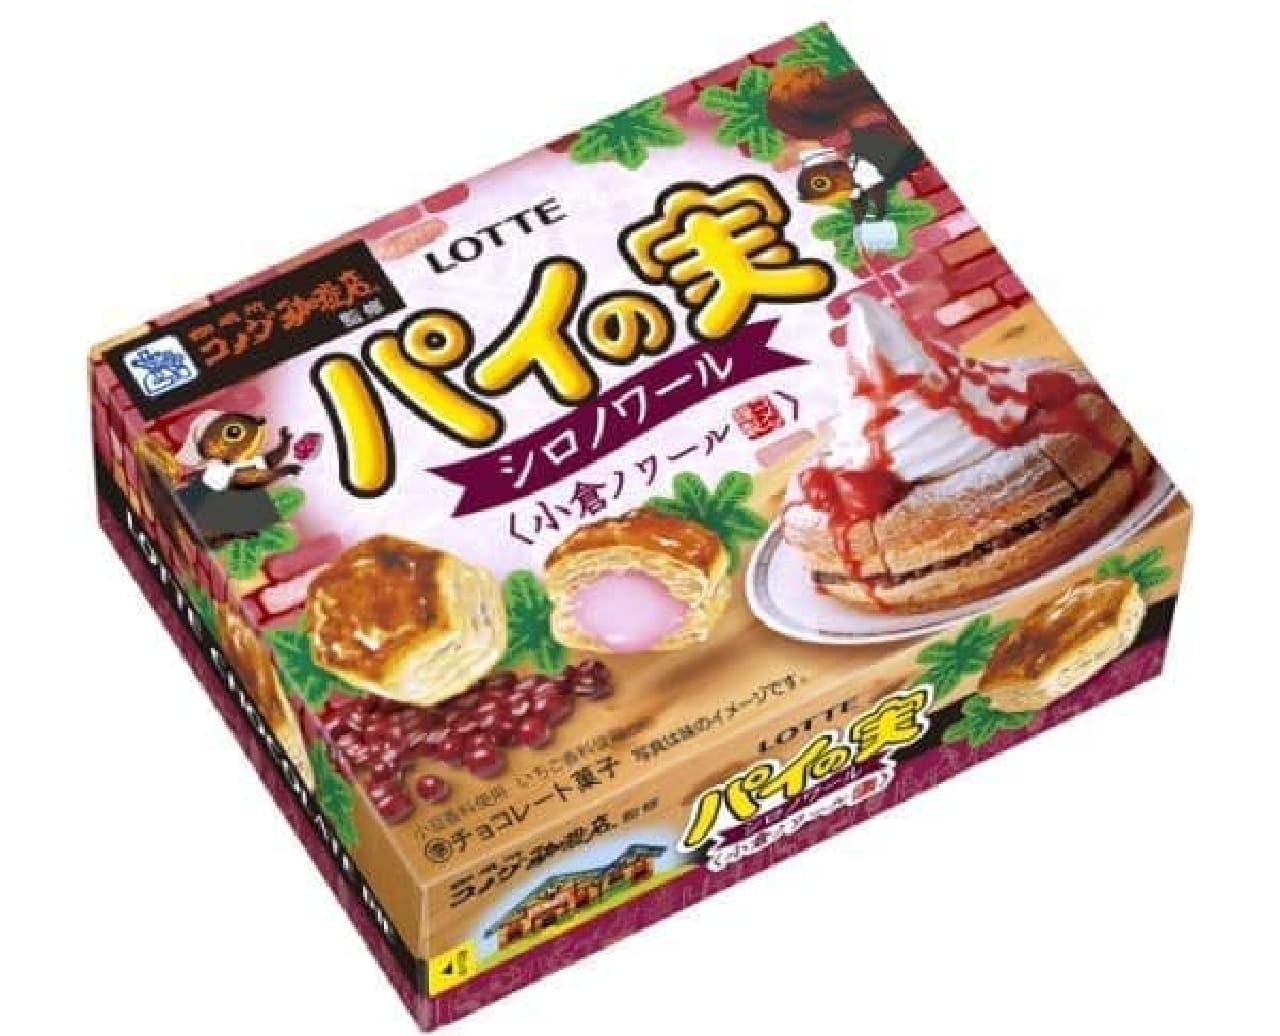 「パイの実<コメダ珈琲店監修小倉ノワール>」は、コメダ珈琲店の期間限定メニュー「小倉ノワール」が表現されたパイの実